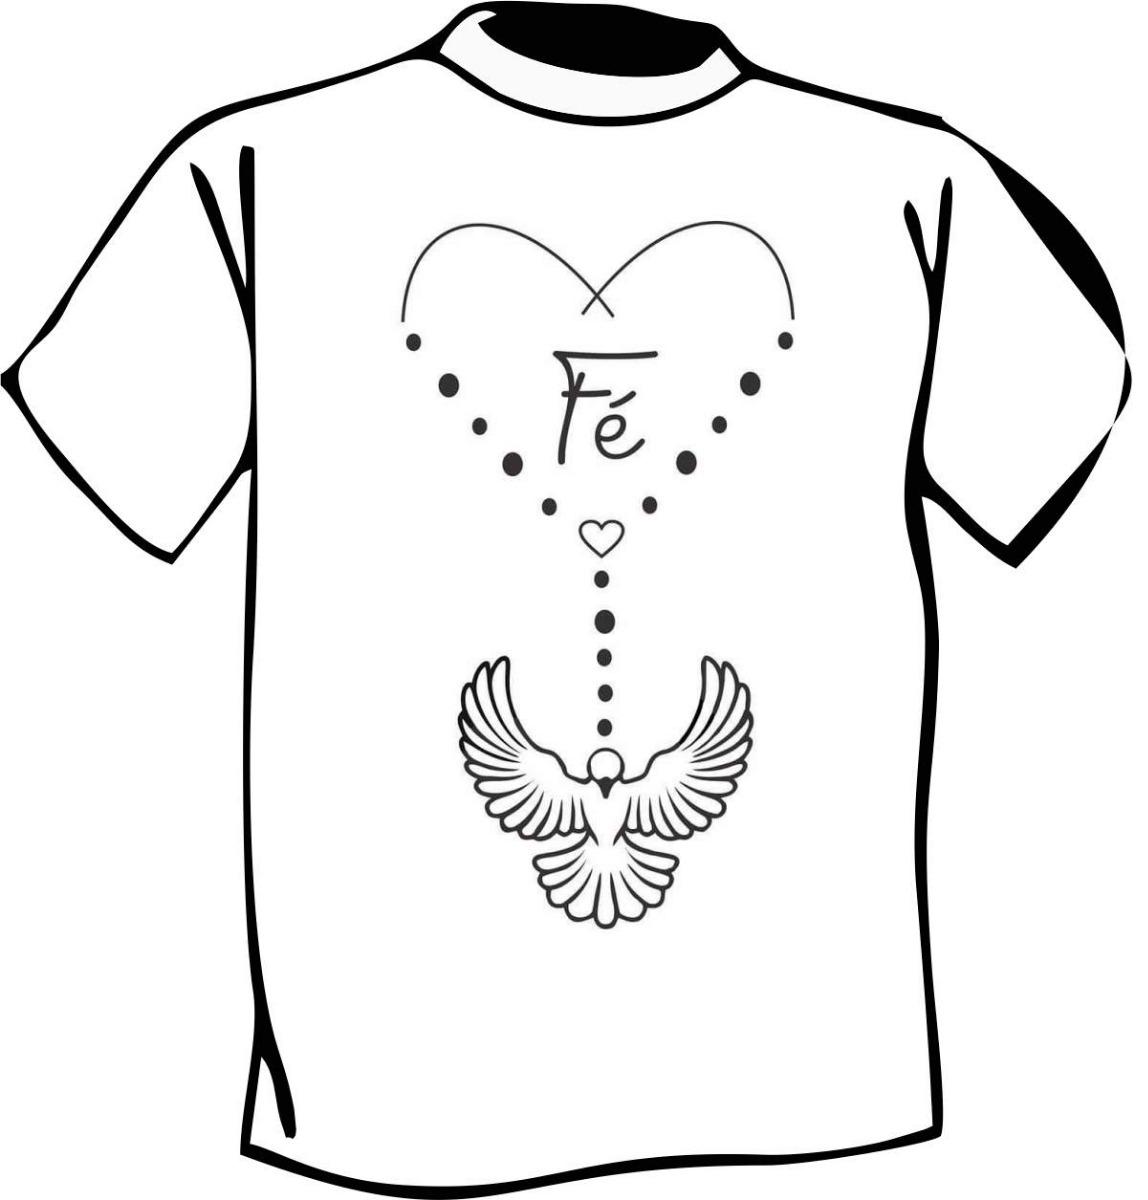 50237eeb6 Camisa Ou Baby Look Estampa Religiosa Fé - R$ 23,00 em Mercado Livre